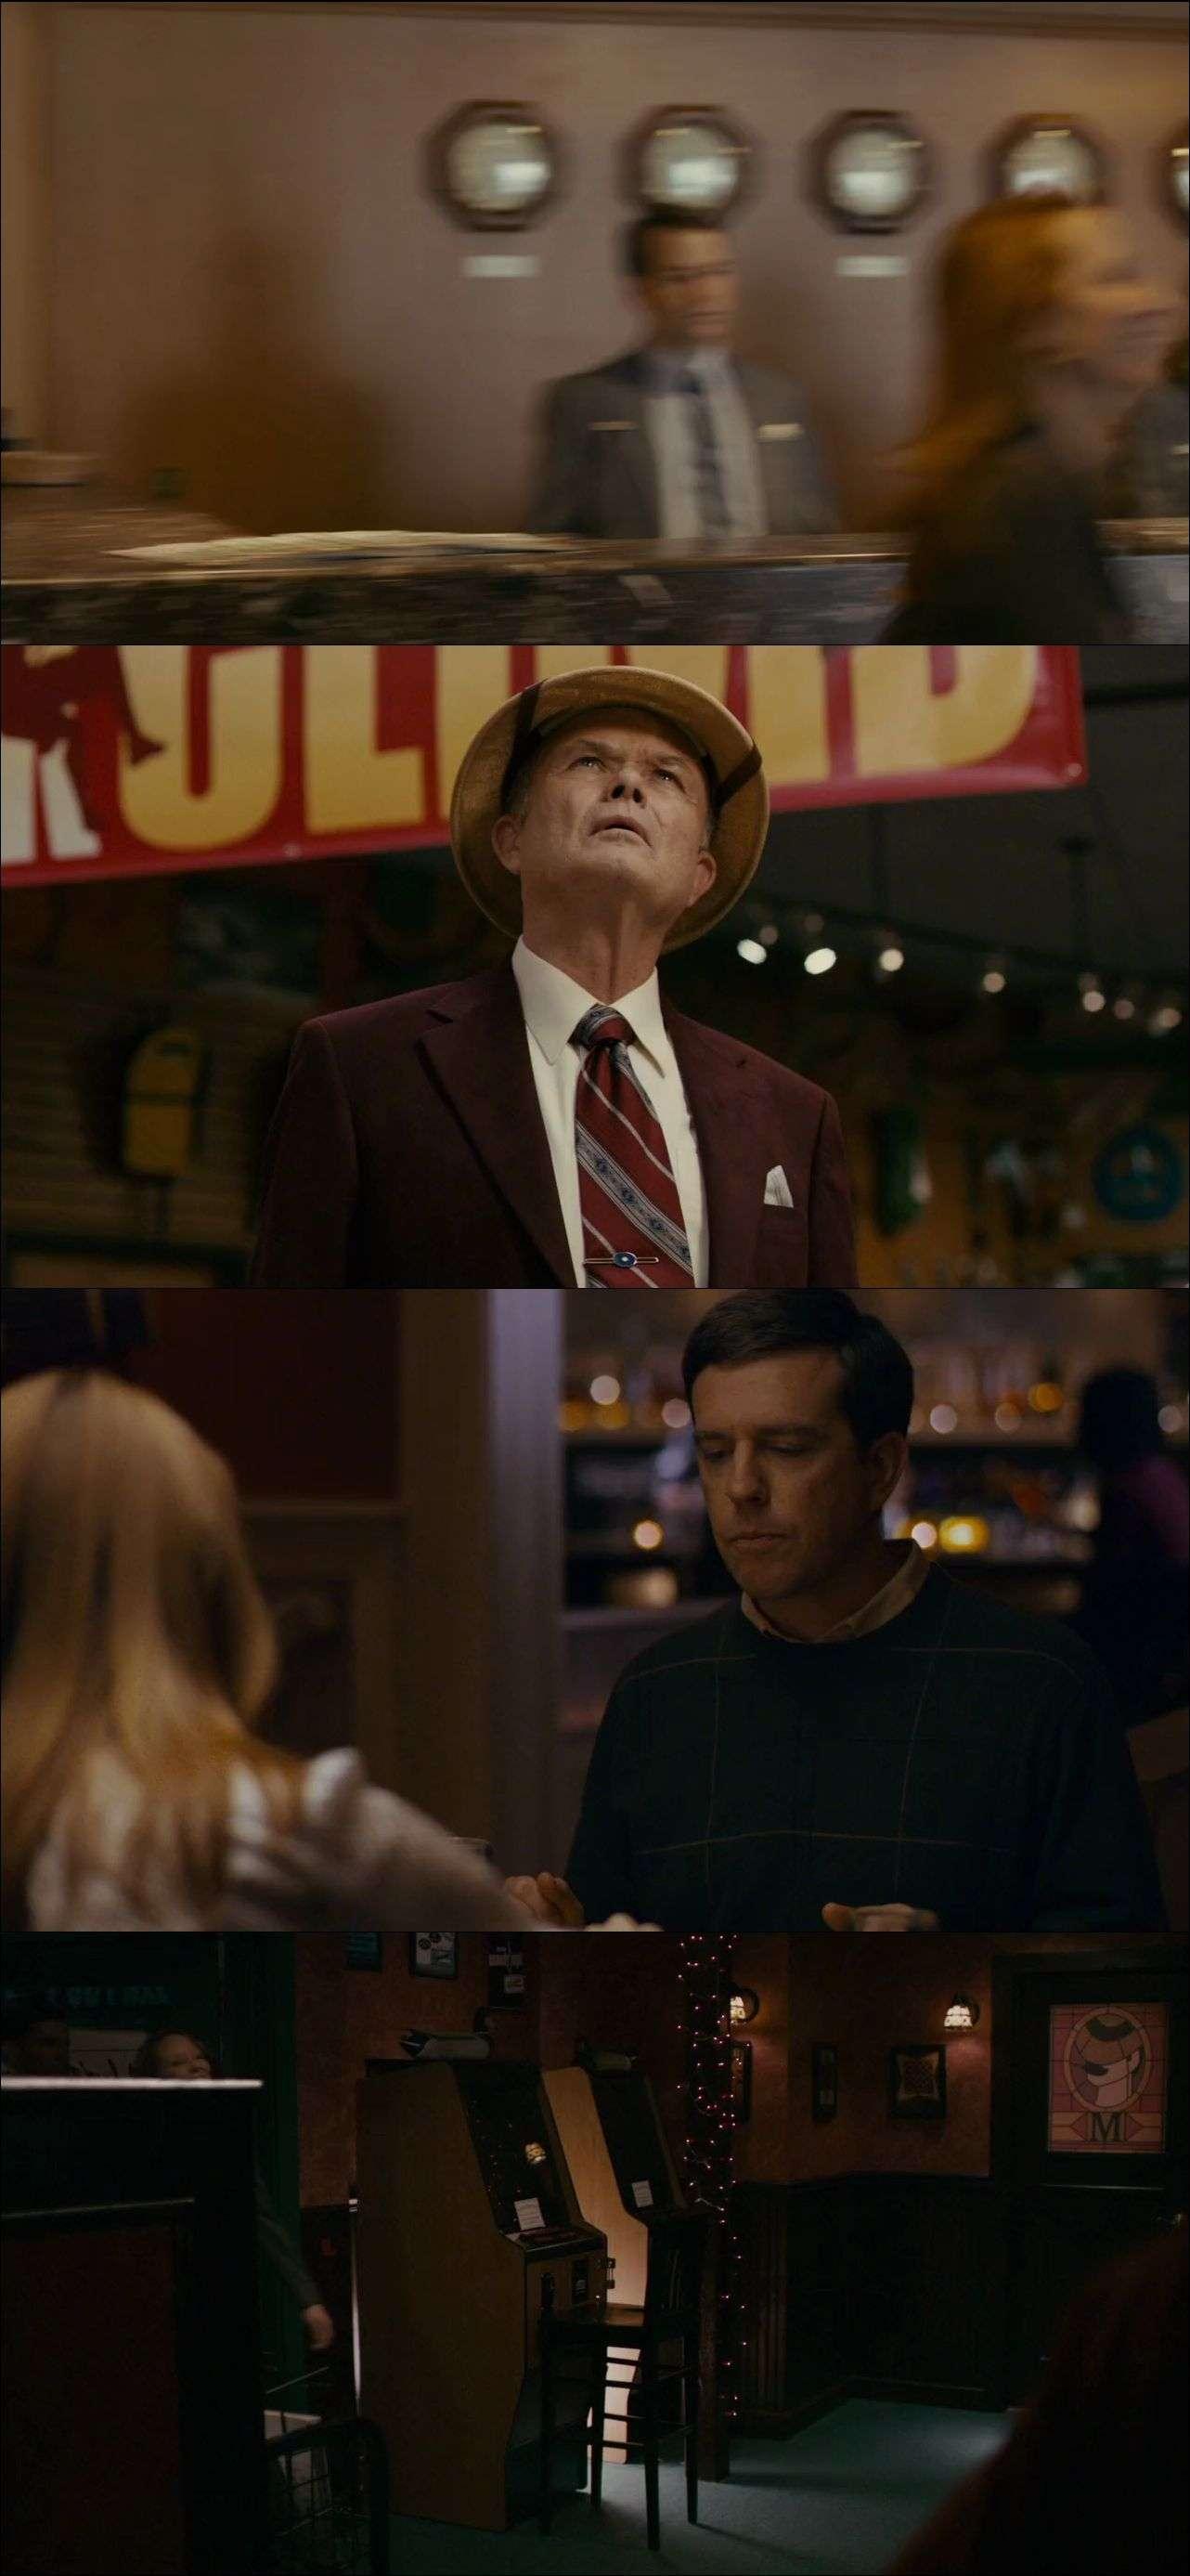 Çılgın Bir Haftasonu - Cedar Rapids (2011) türkçe dublaj komedi filmi indir